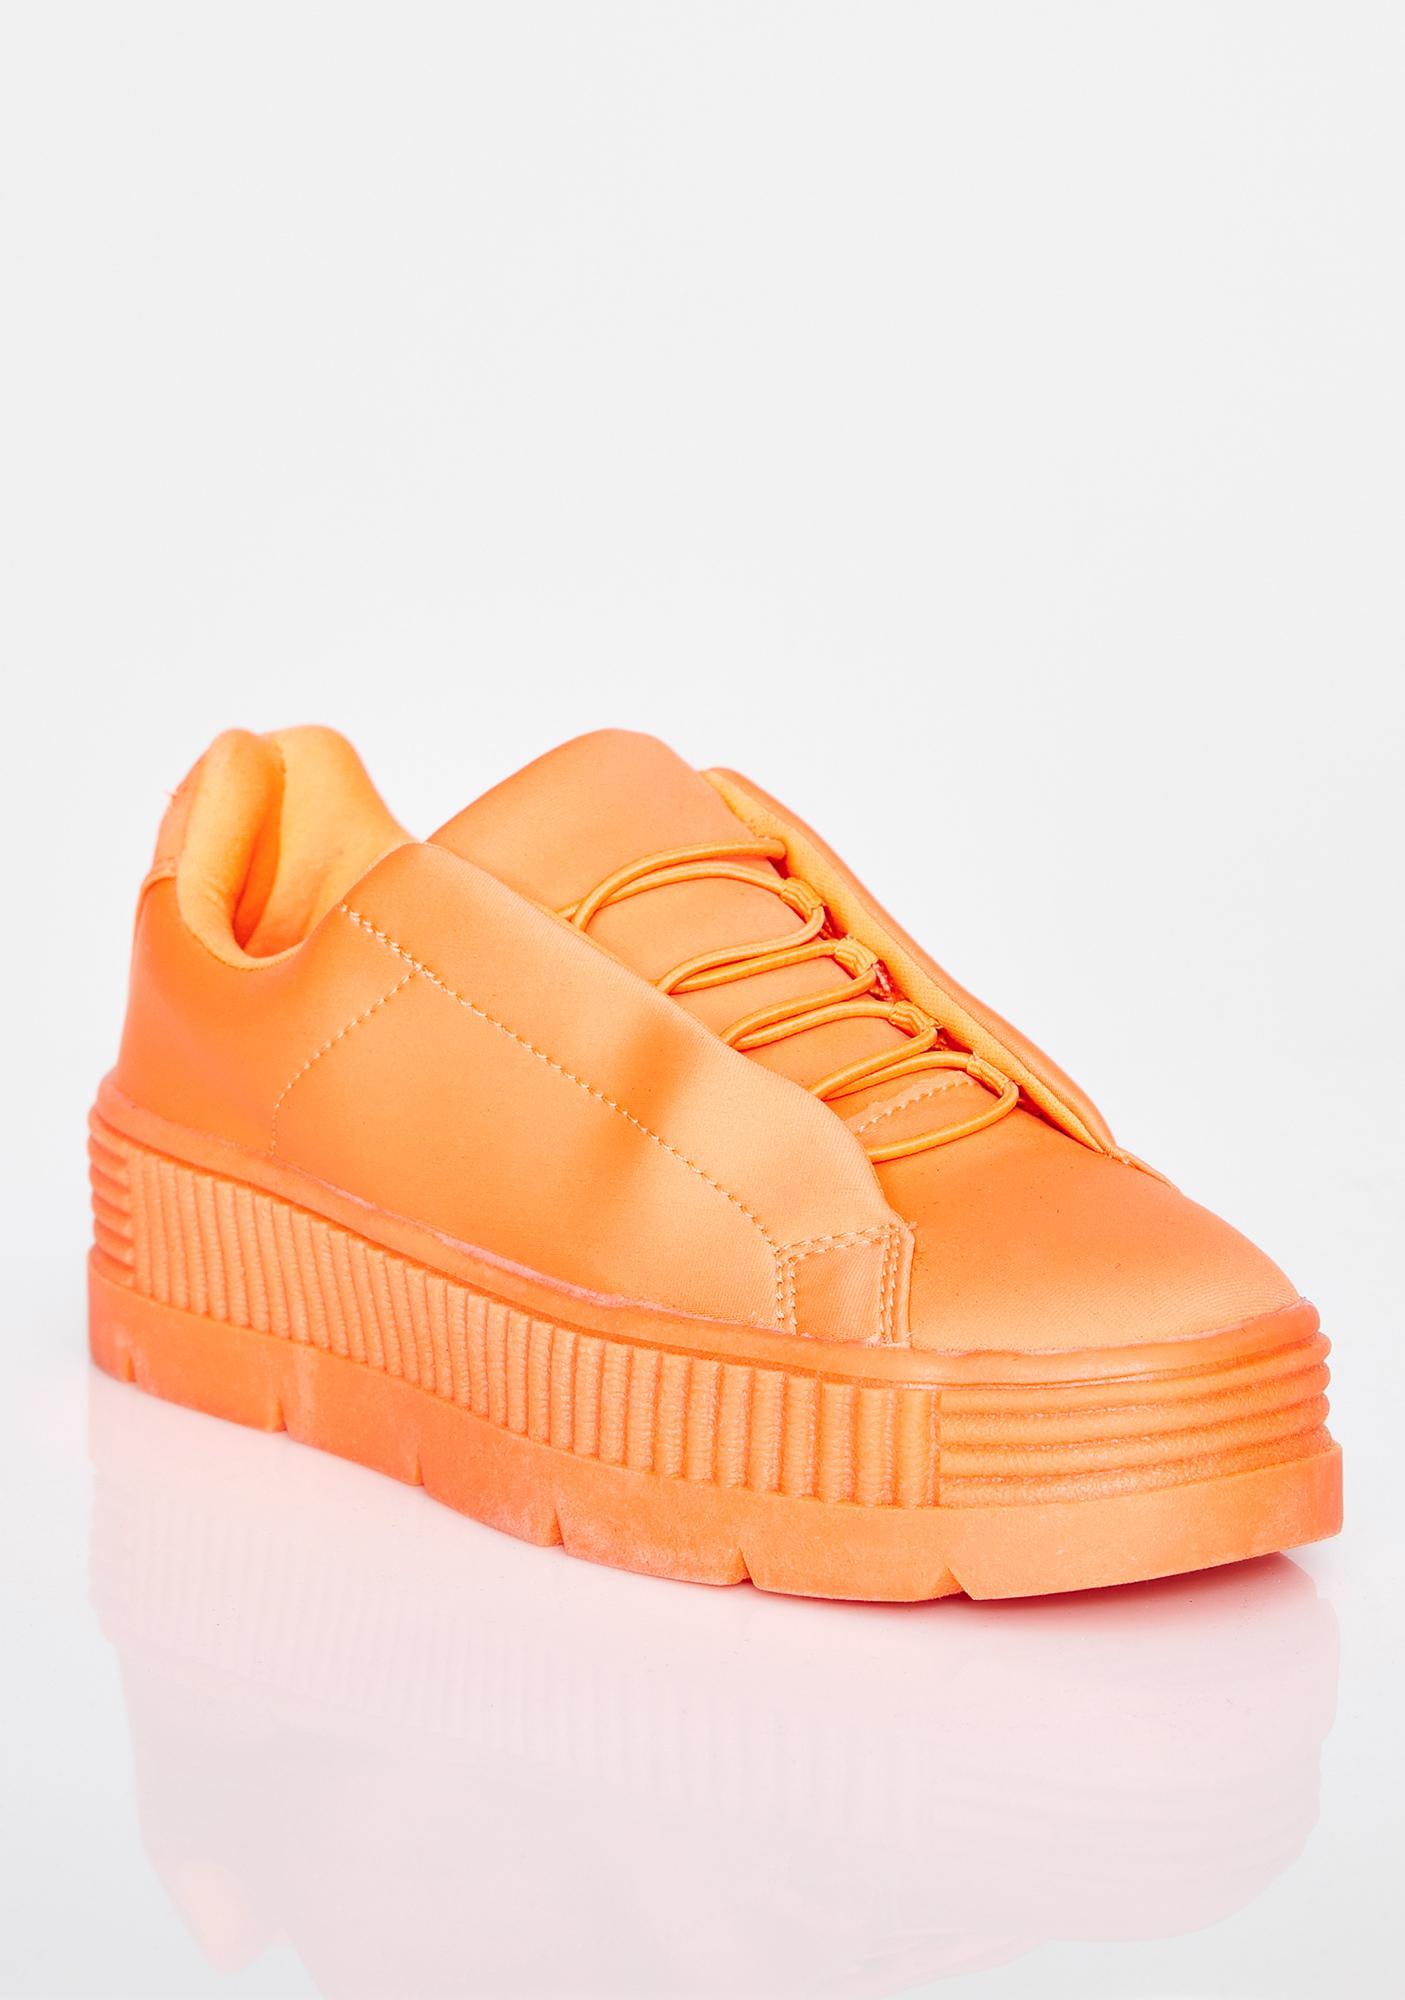 Juicy Anti-Gravity Platform Sneakers